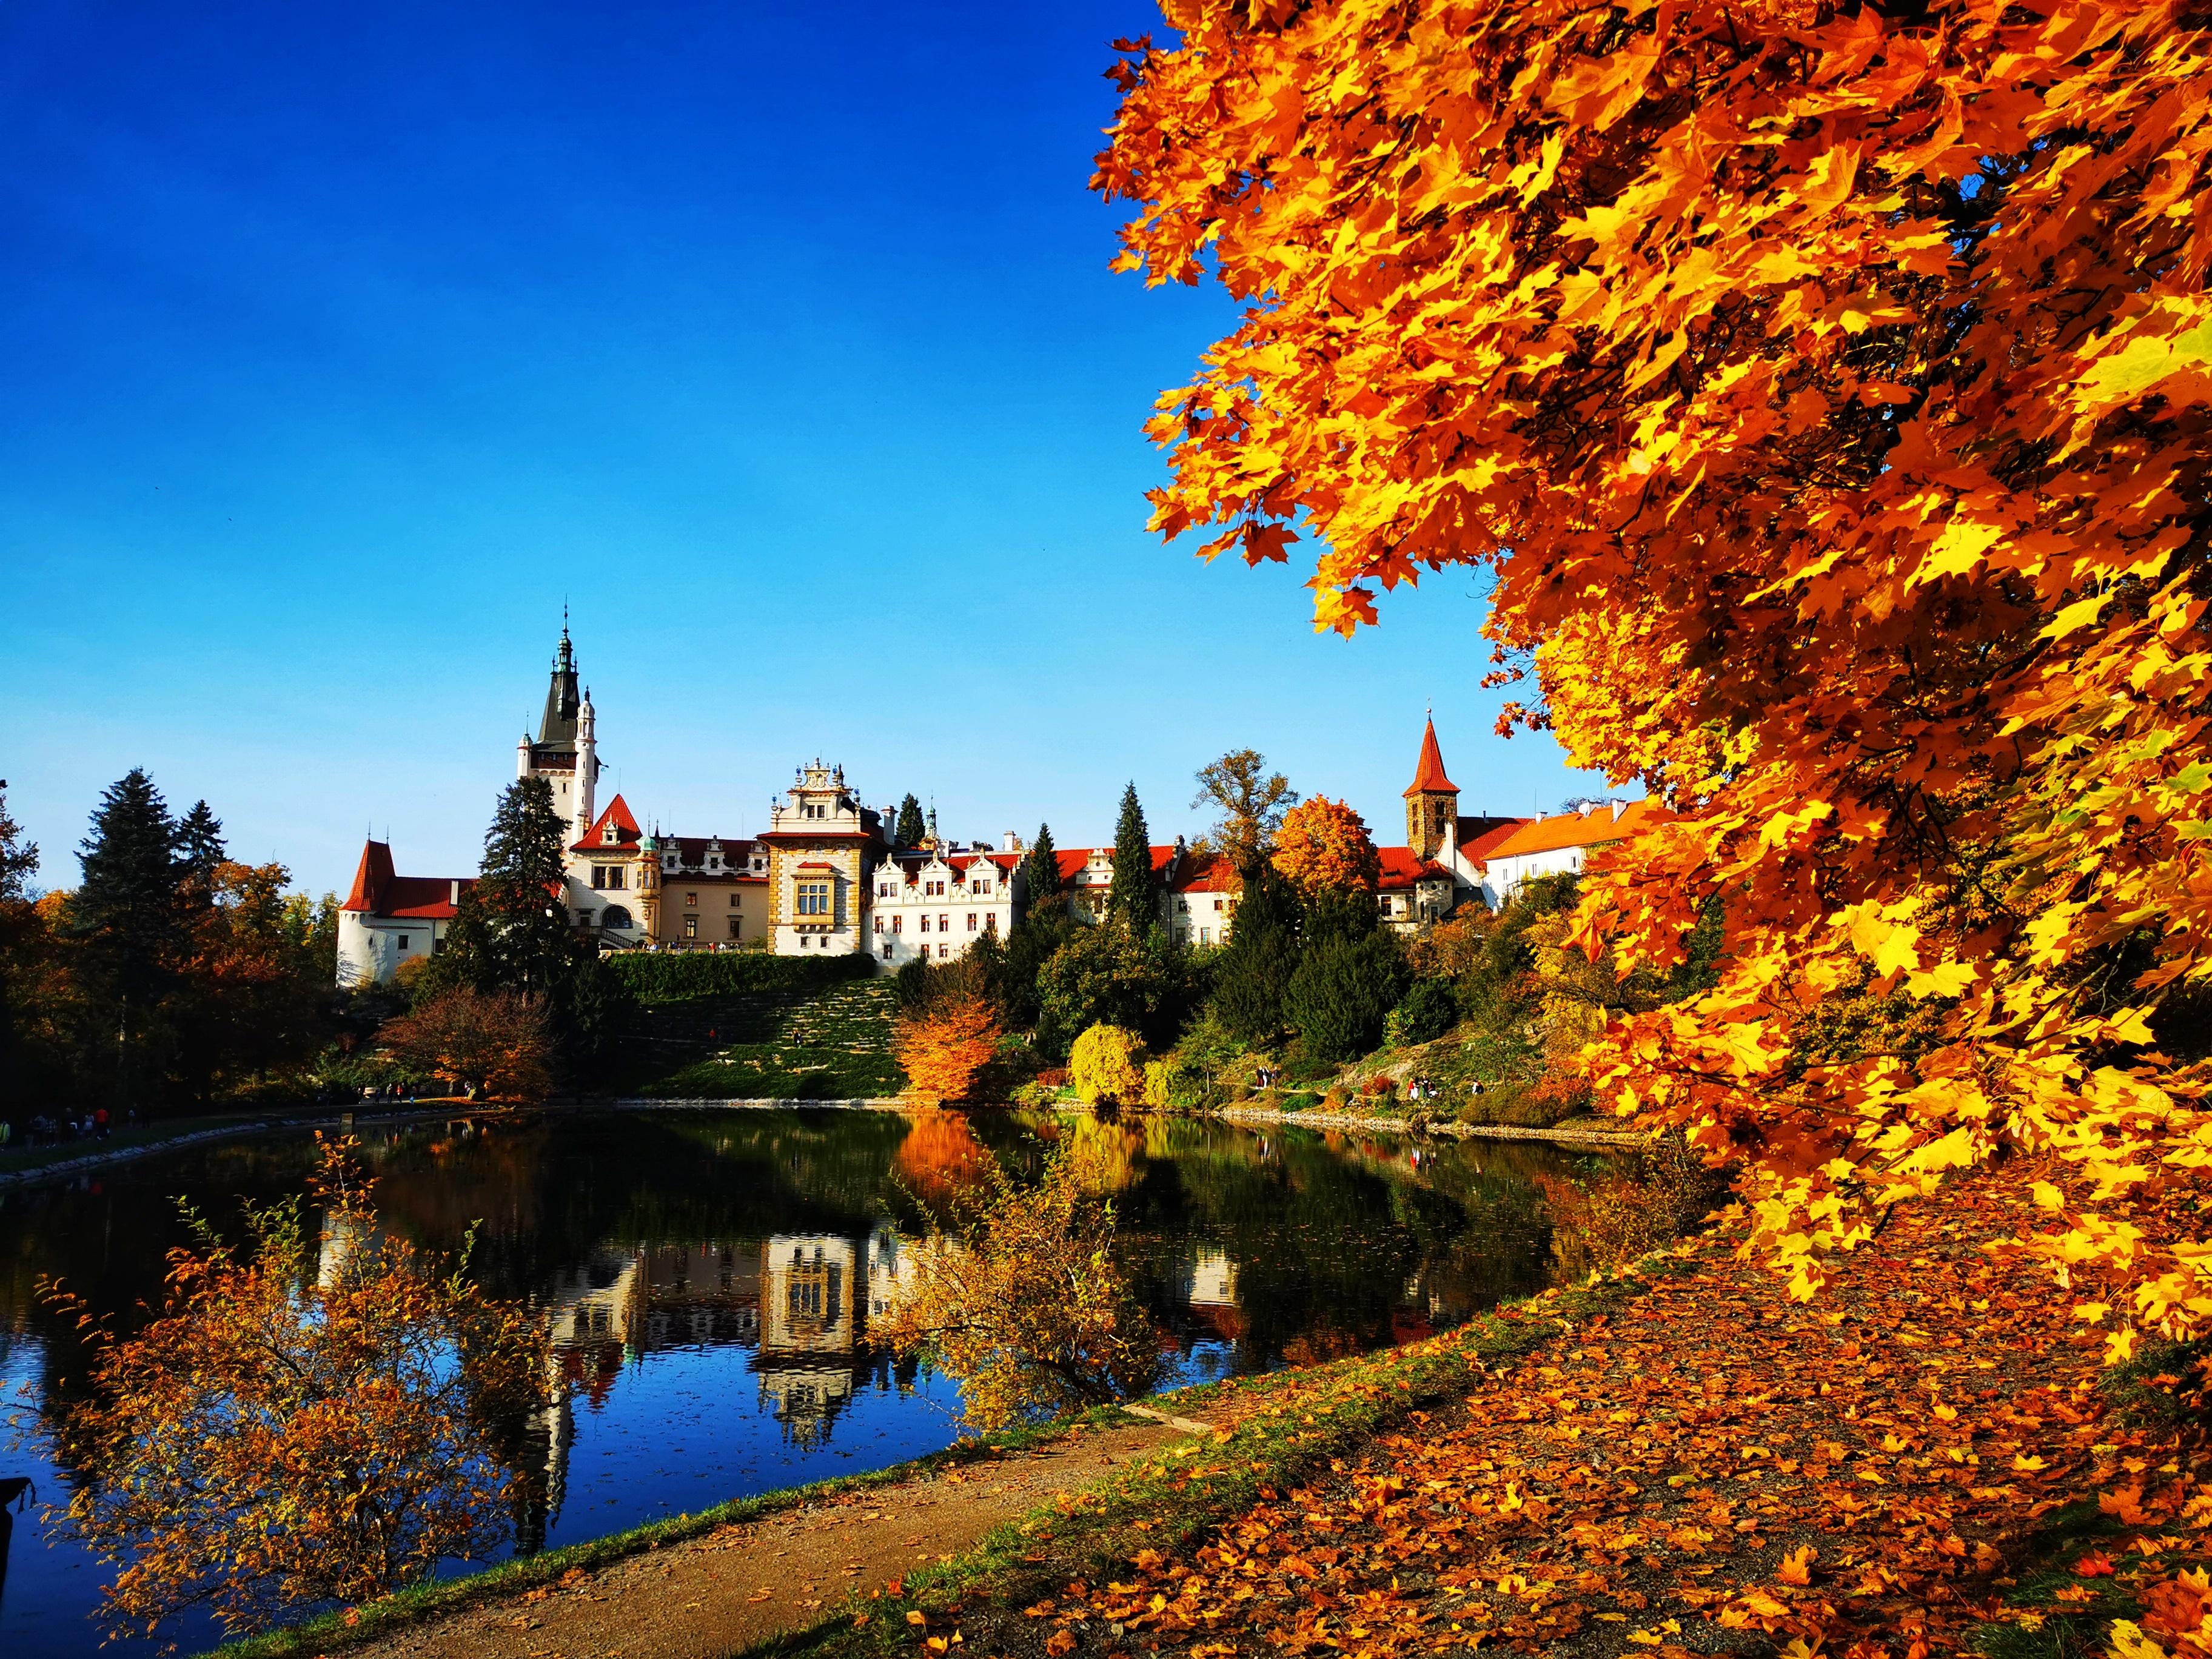 The Průhonice Park along with Průhonice Castle are a Czech National Historic Landmark and a UNESCO World Heritage site.